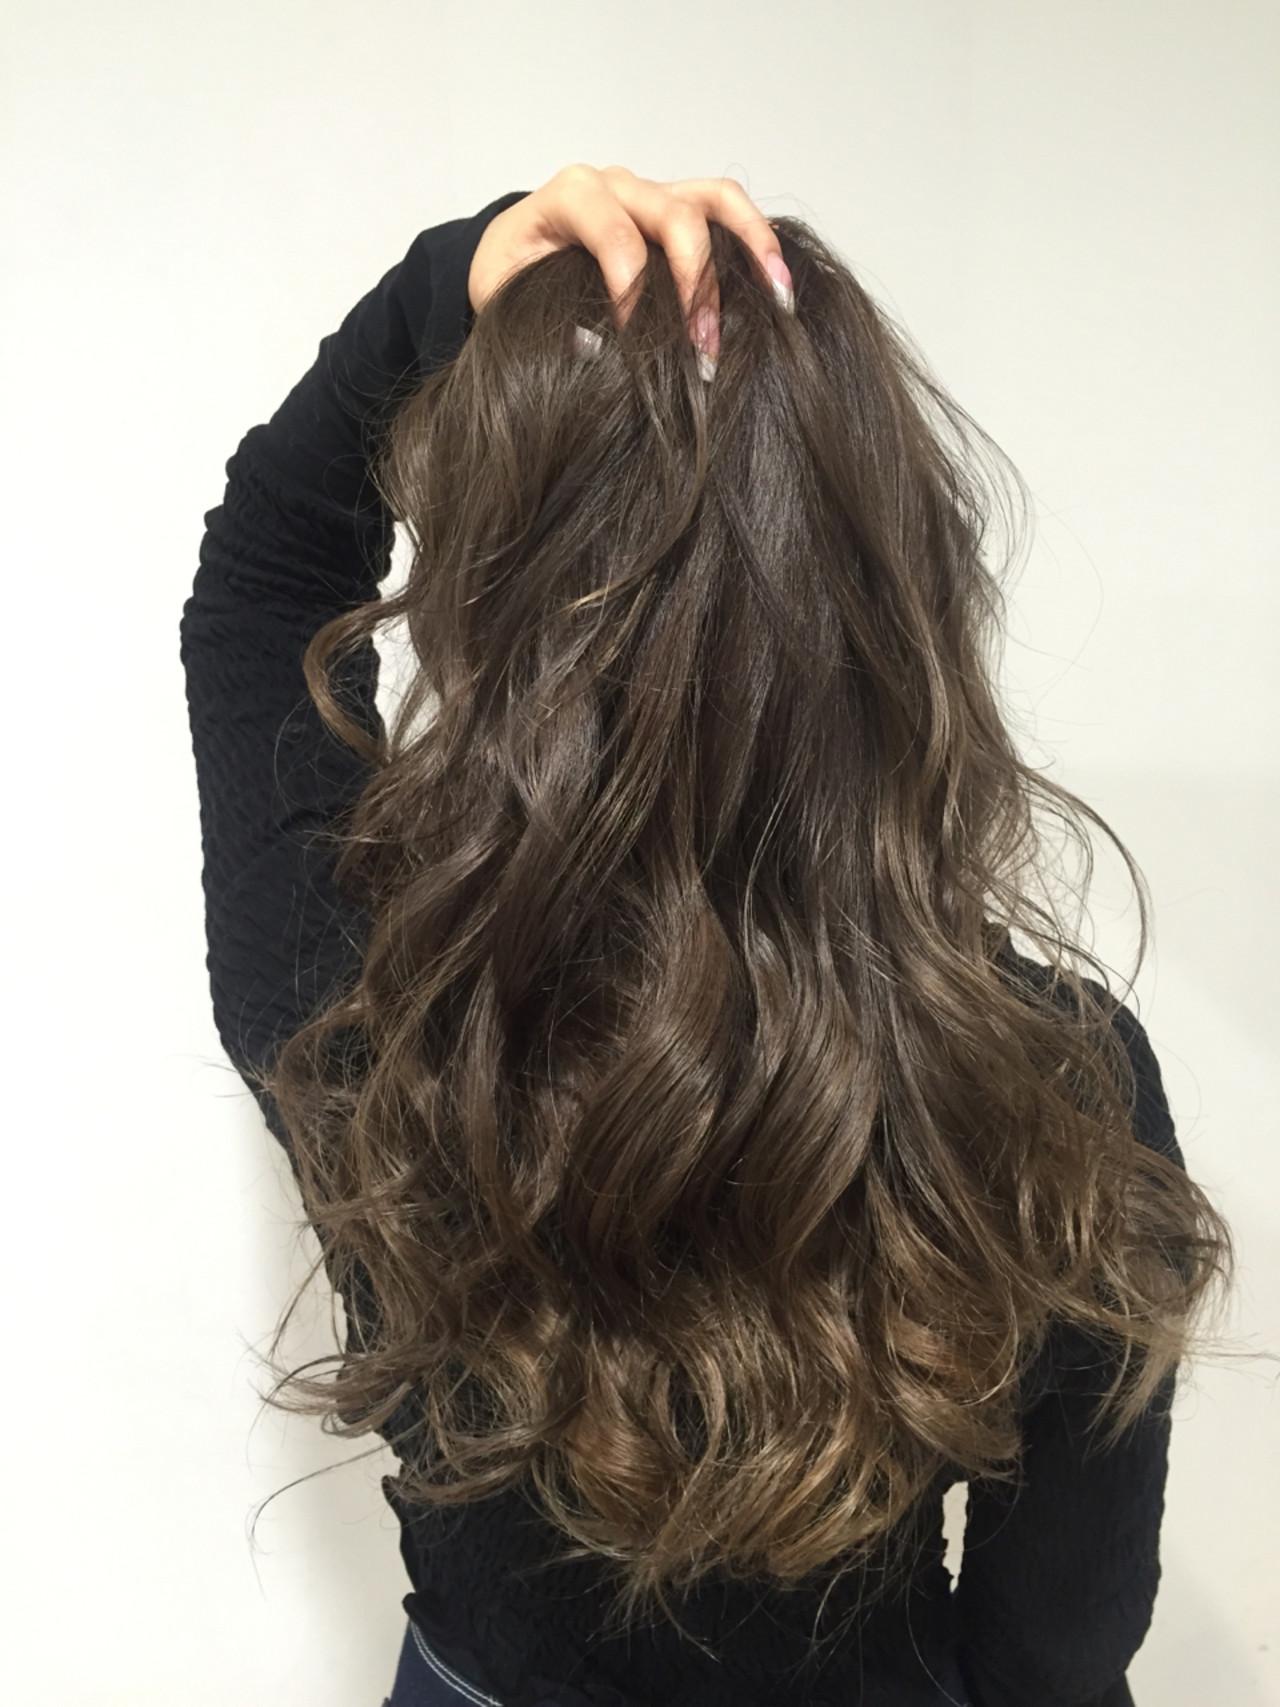 ロング ヘアアレンジ ネイビーアッシュ 3Dカラー ヘアスタイルや髪型の写真・画像   Youhei Tase / STILL hair,spa&eyelash ルトロワ